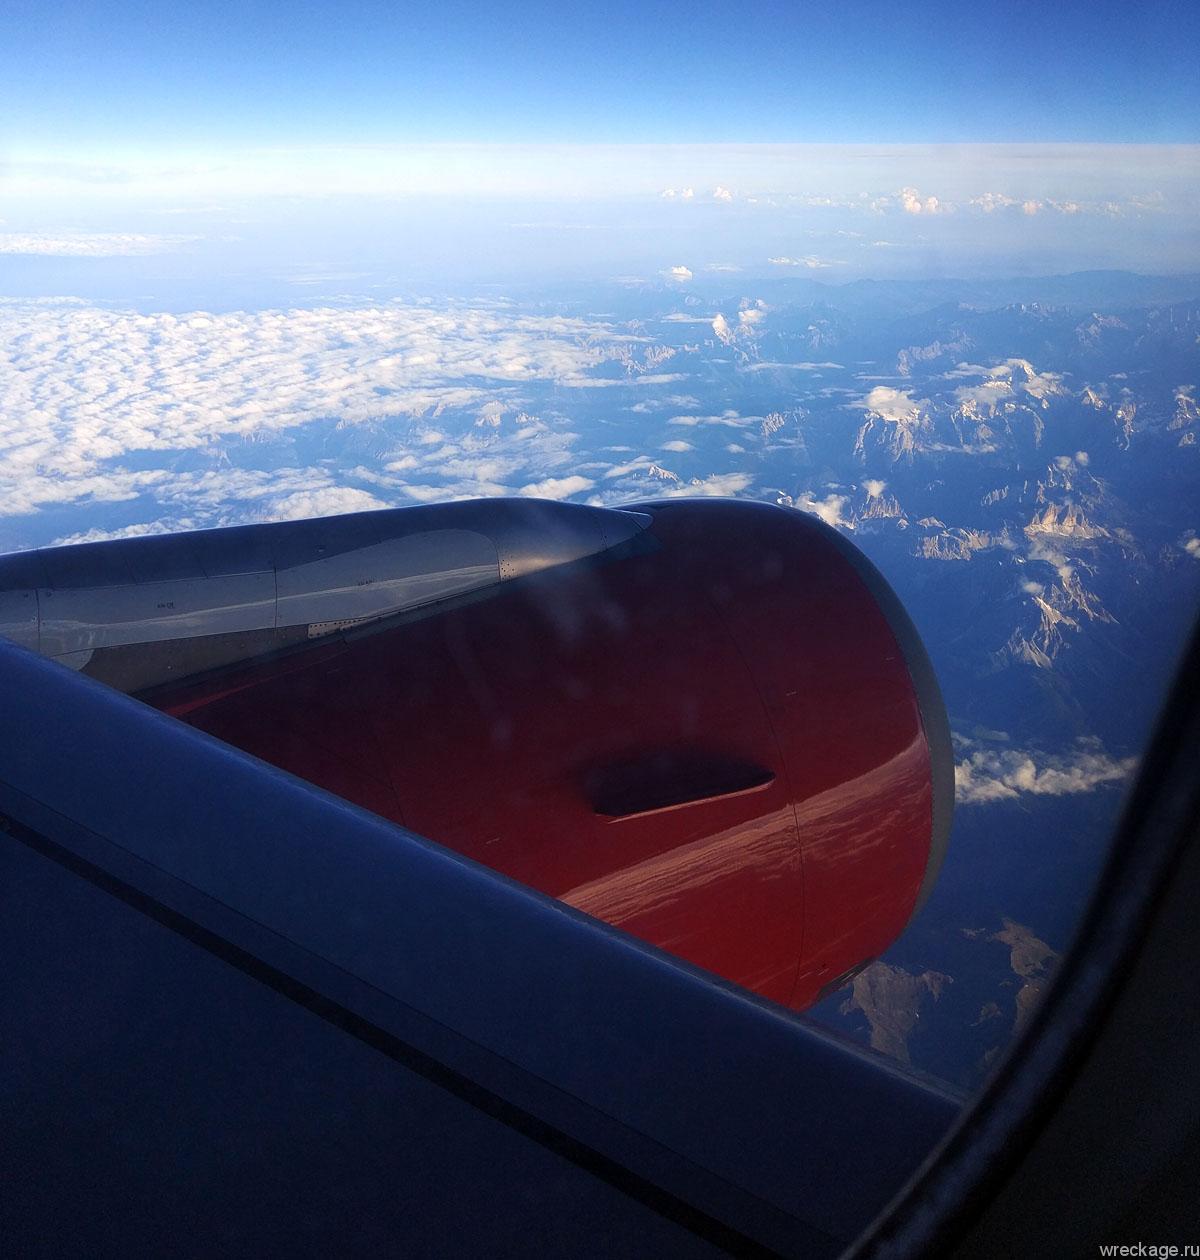 Летим в Испанию, Барселона Эль-Прат